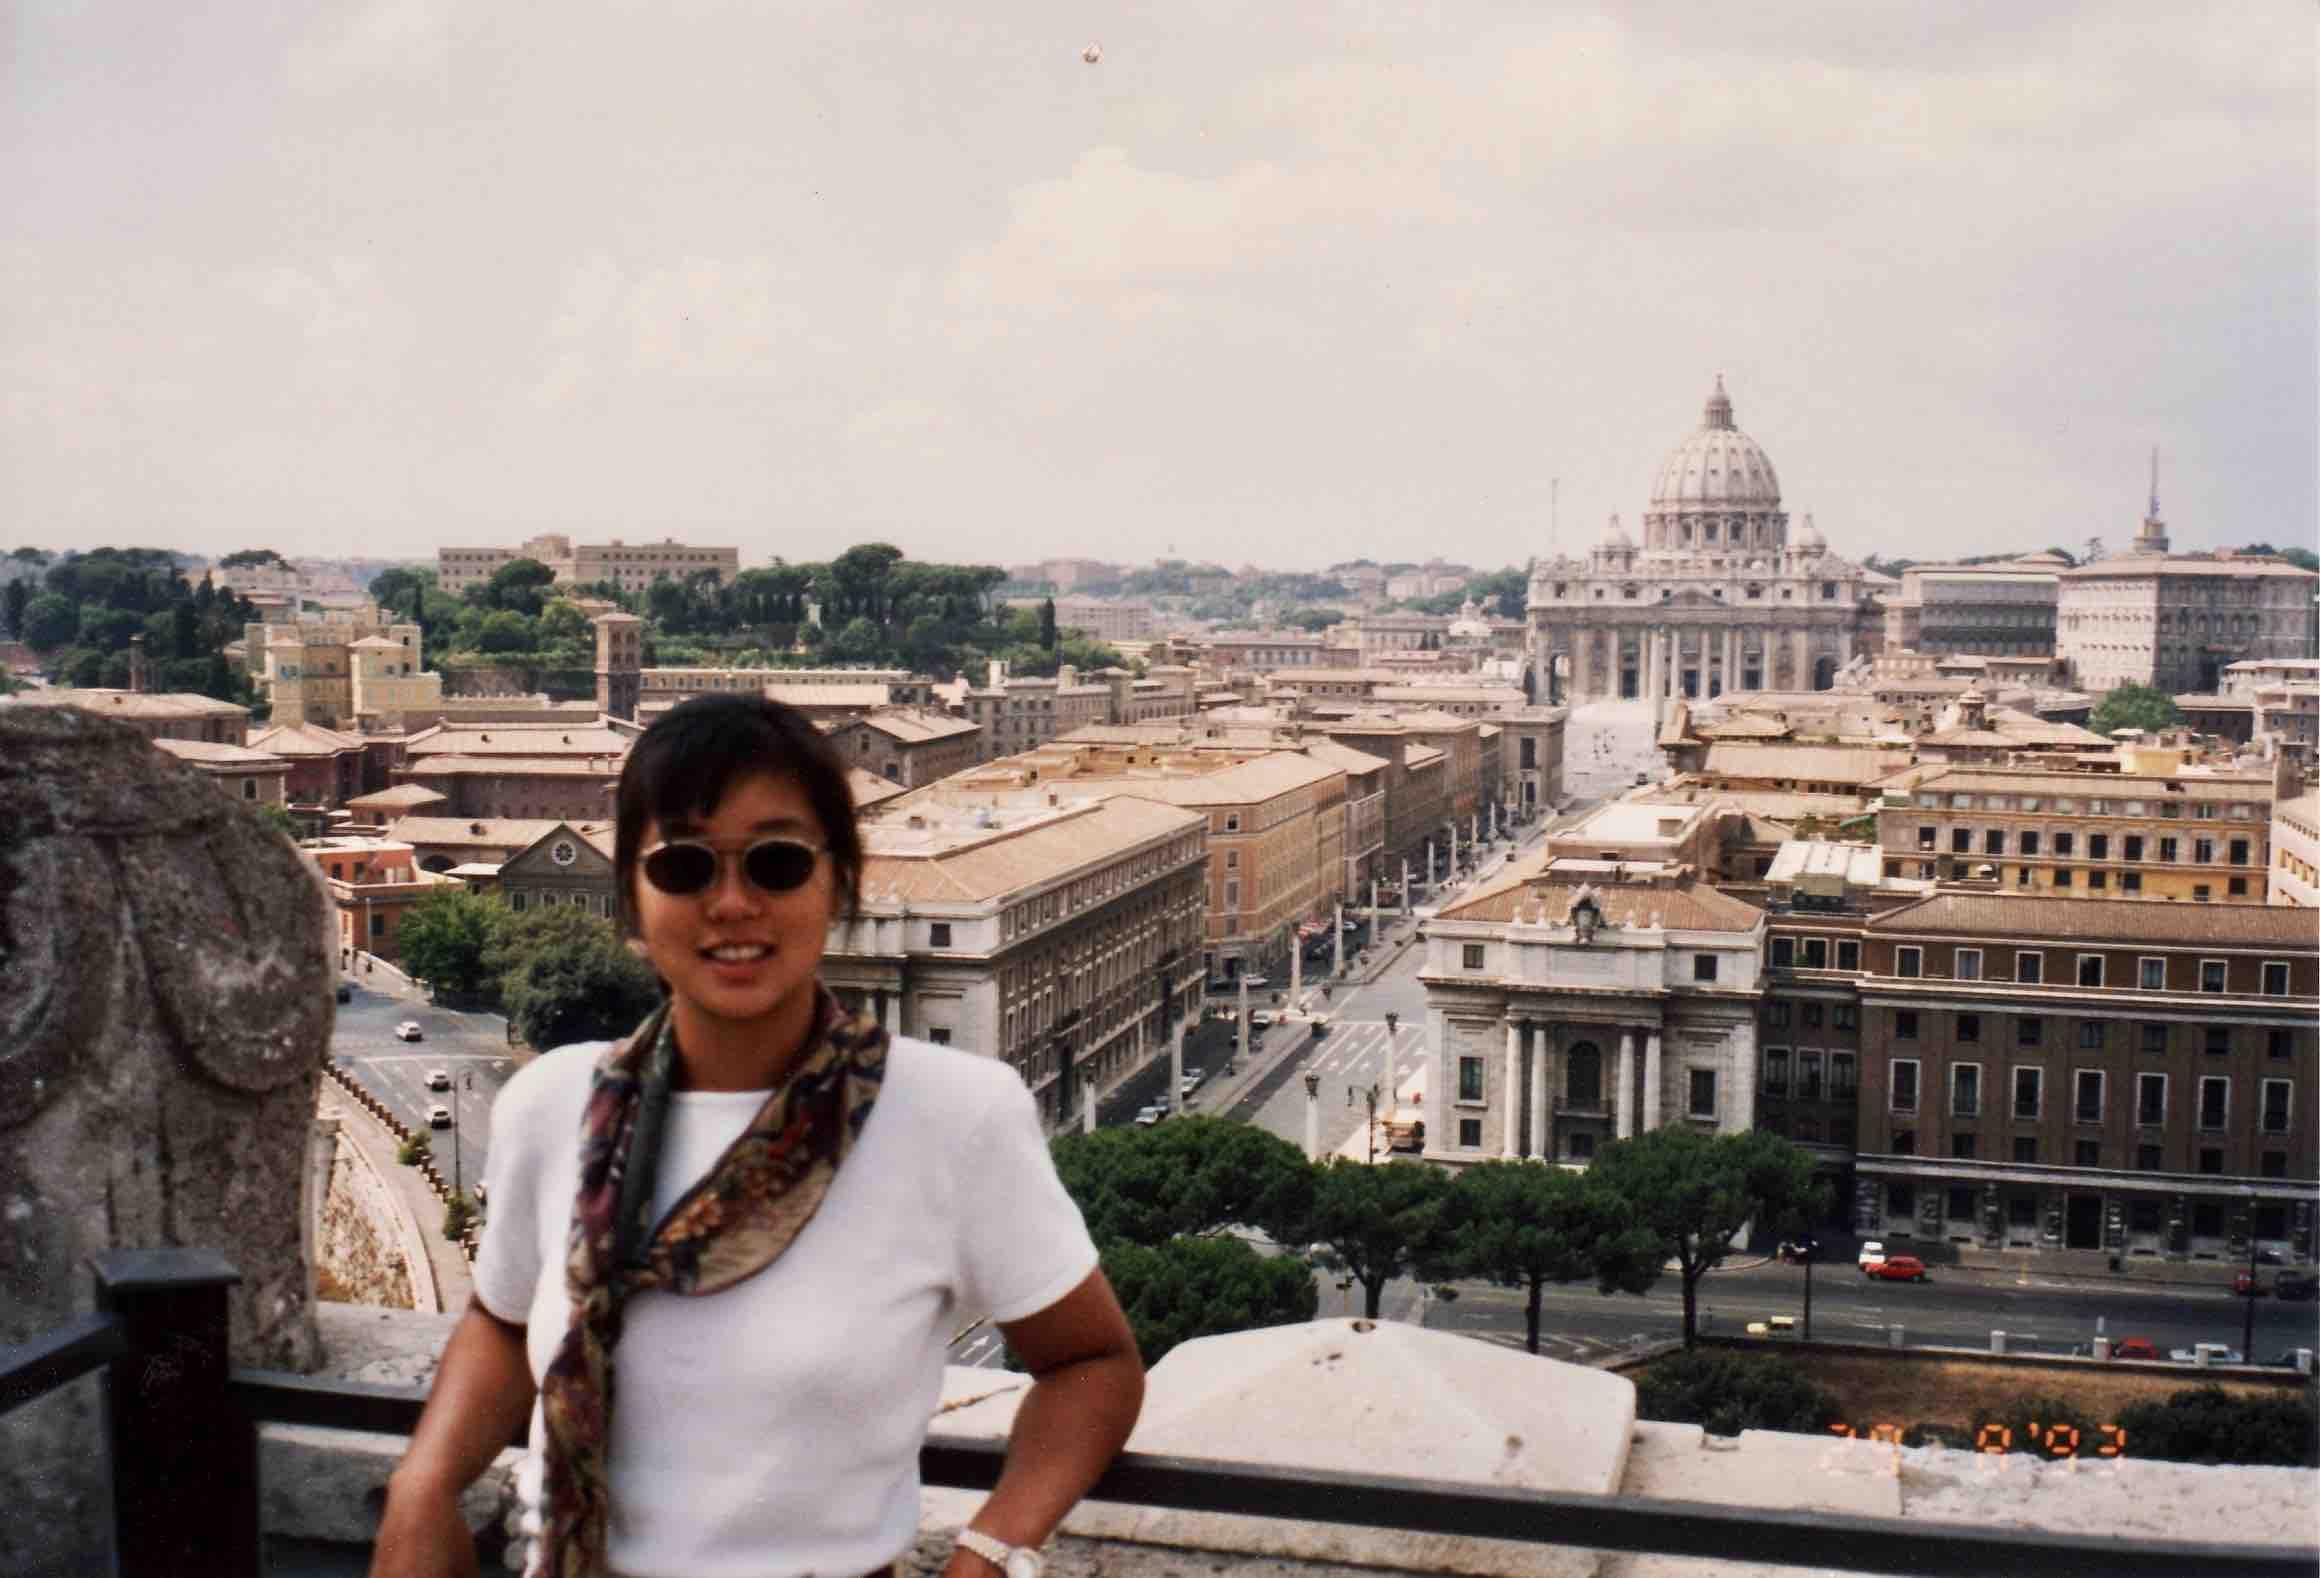 6 - 1993 - Vatican City